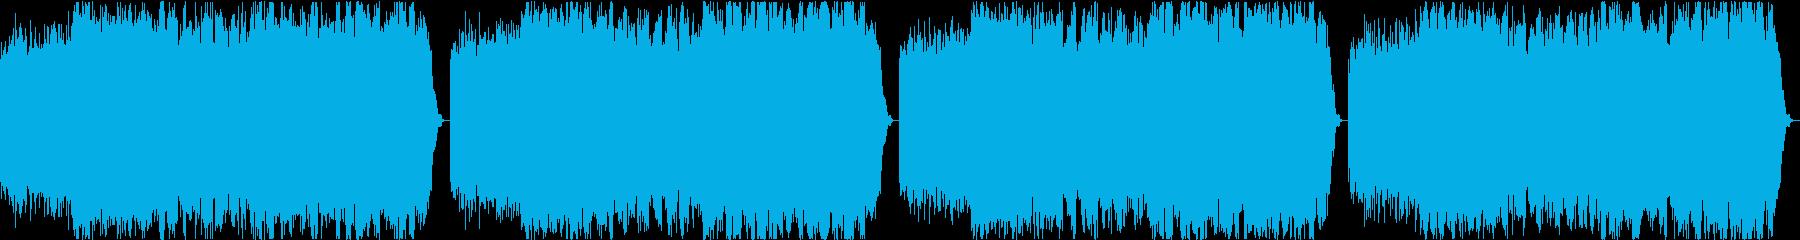 オルゴールを使った癒しのループ曲の再生済みの波形